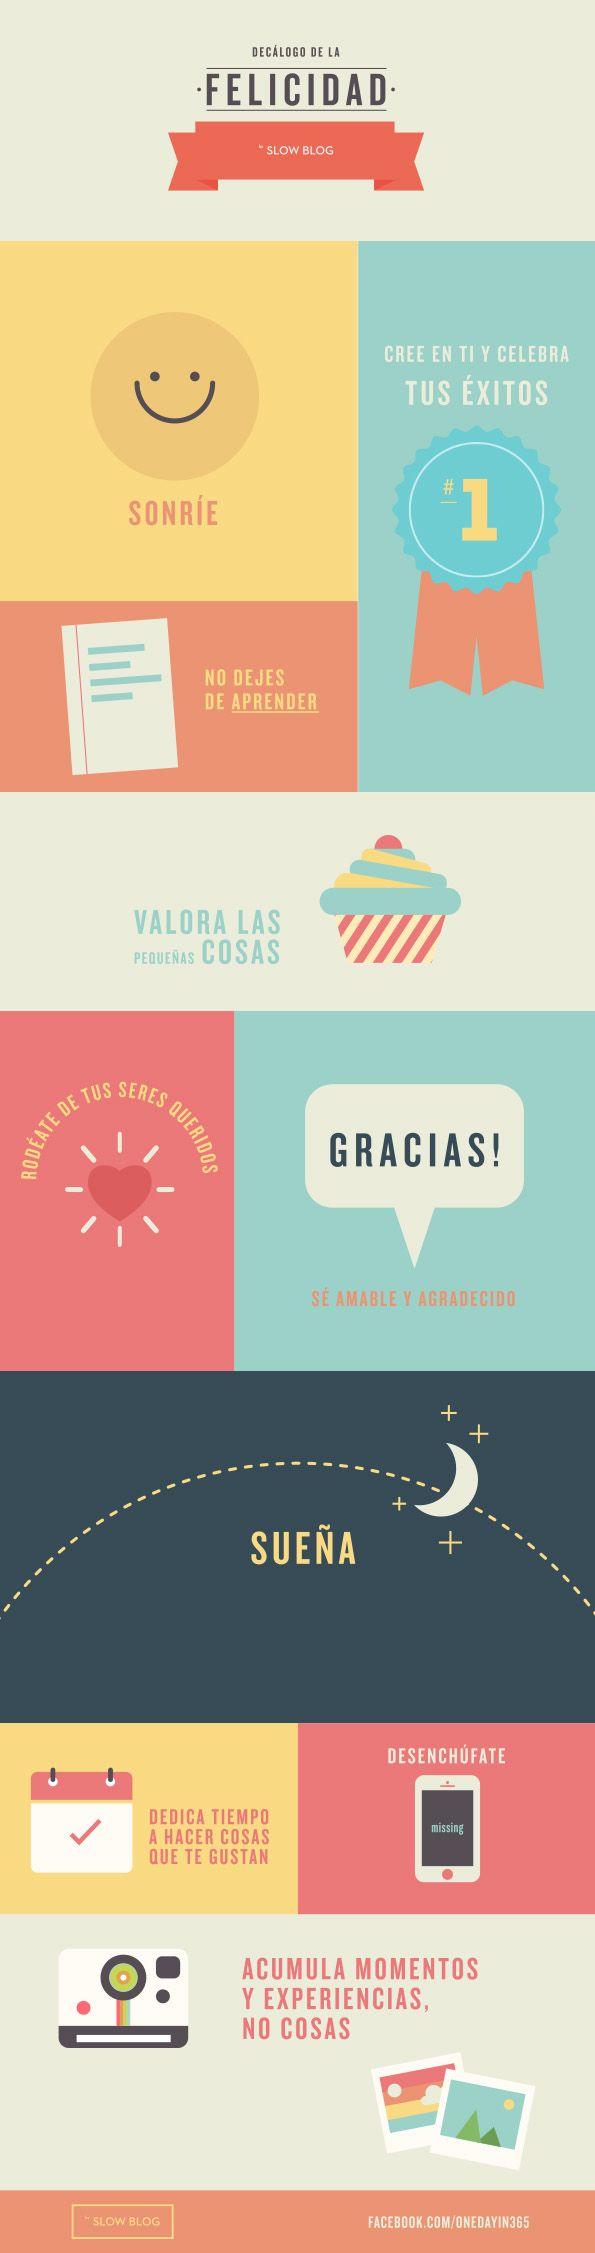 Diez pistas para transitar por una vida feliz. Decálogo de la #Felicidad #infografia